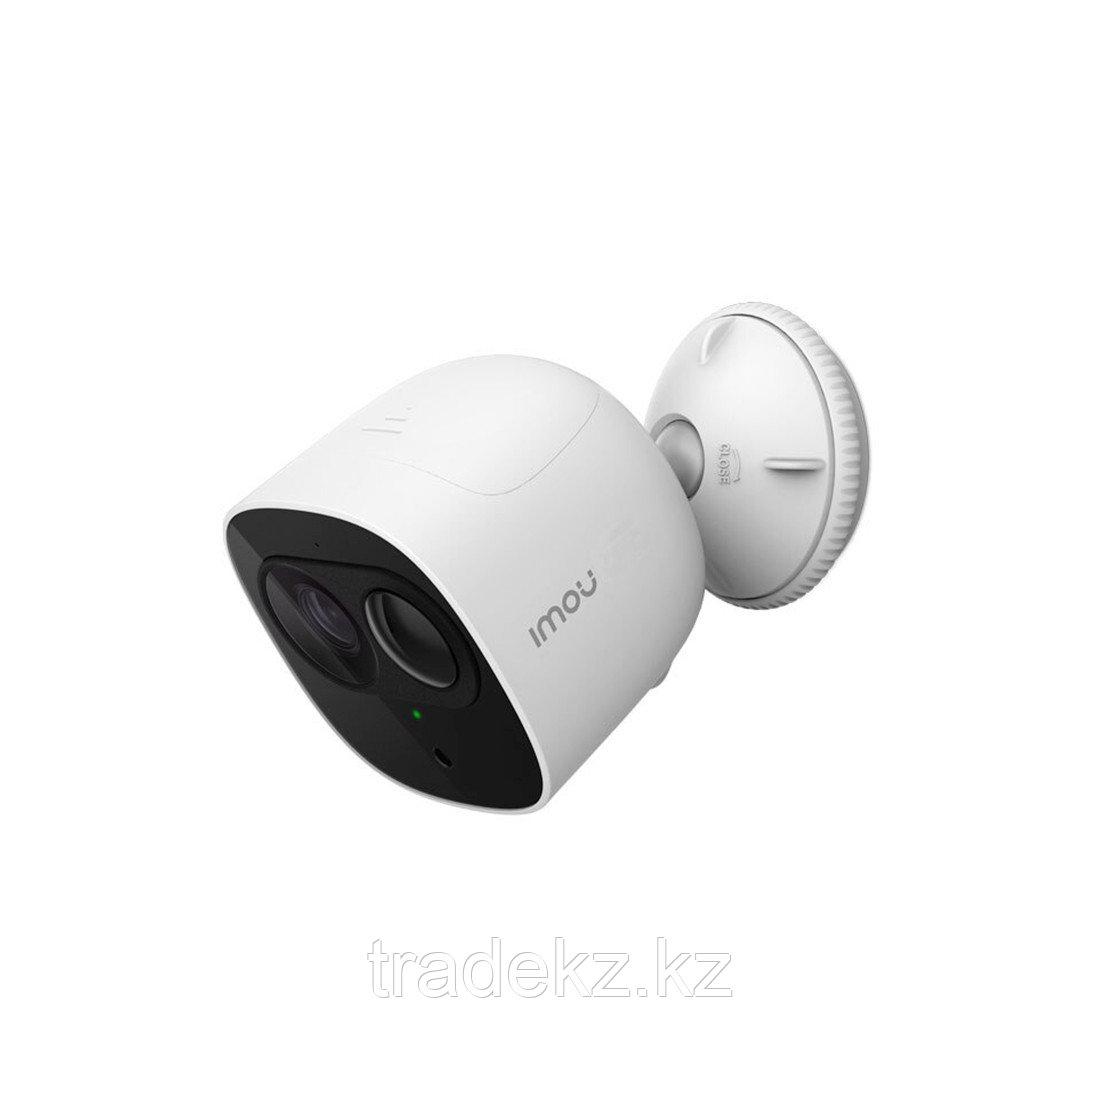 Интернет-камера, Wi-Fi видеокамера Imou Cell Pro Kit, на аккумуляторе